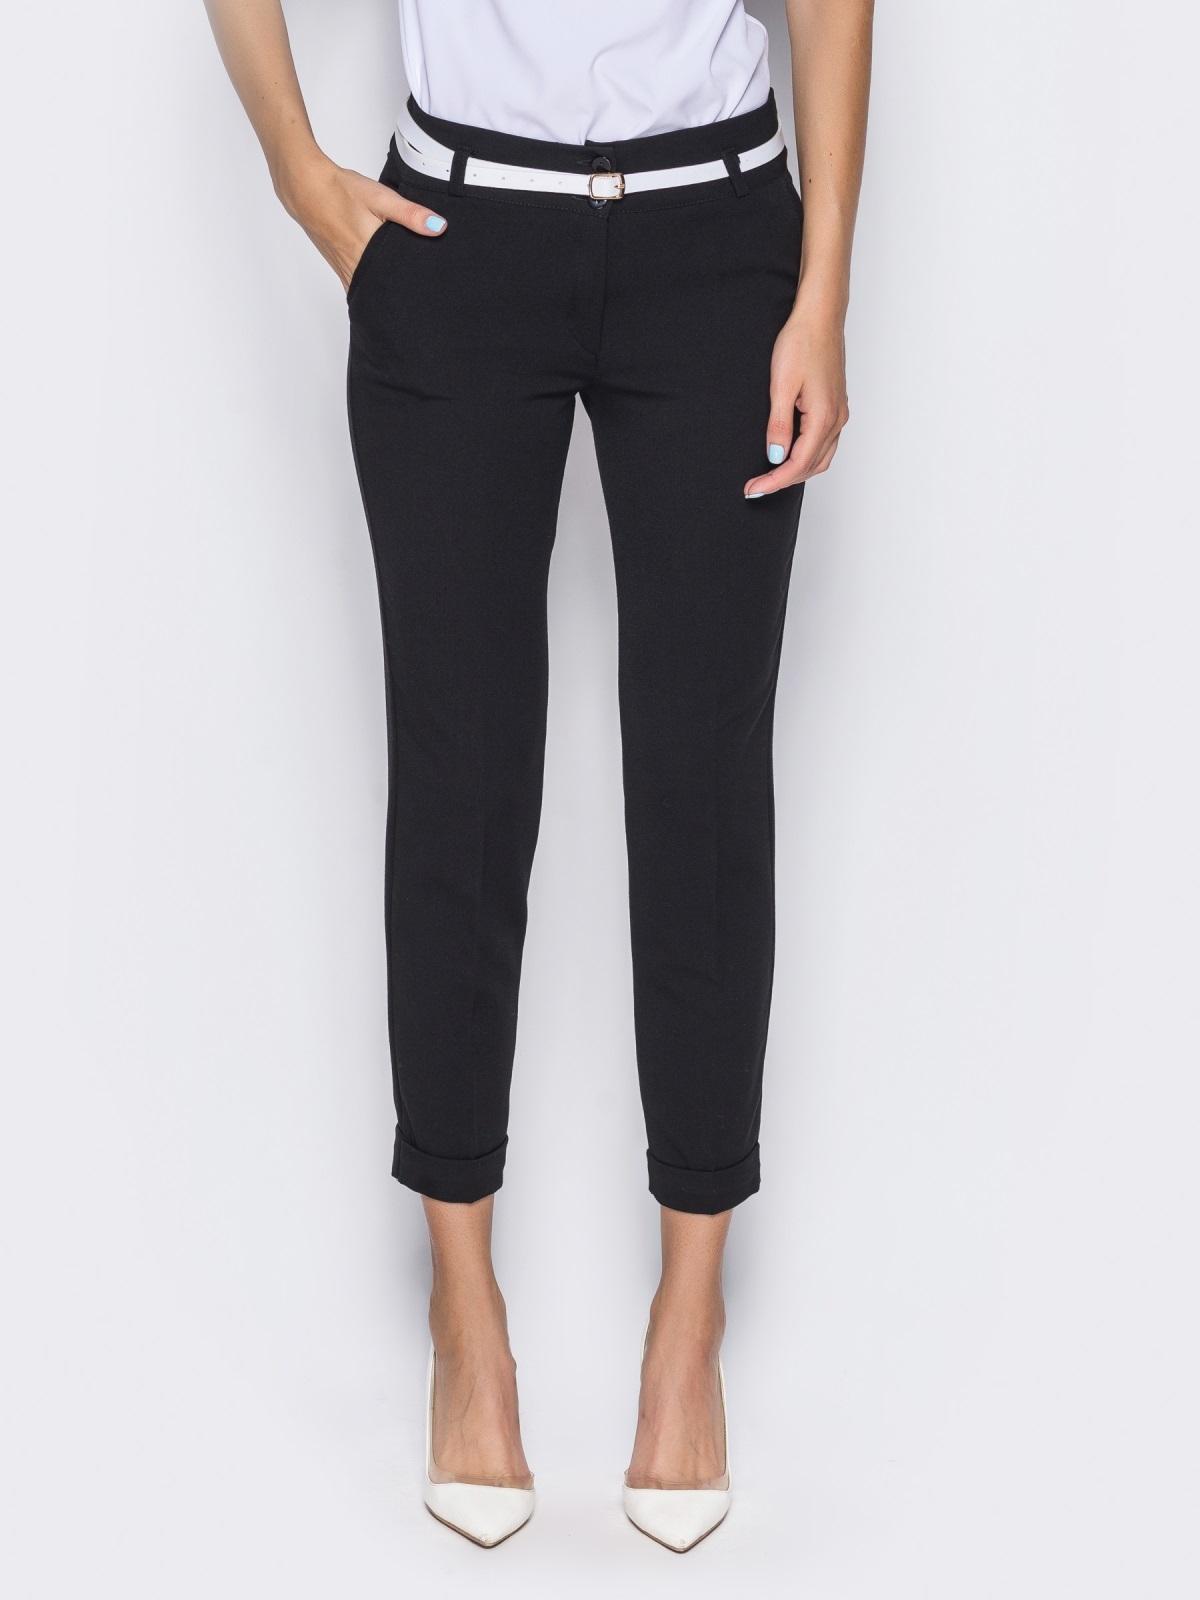 Укороченные брюки со шлёвками для пояса черные - 14403, фото 3 – интернет-магазин Dressa